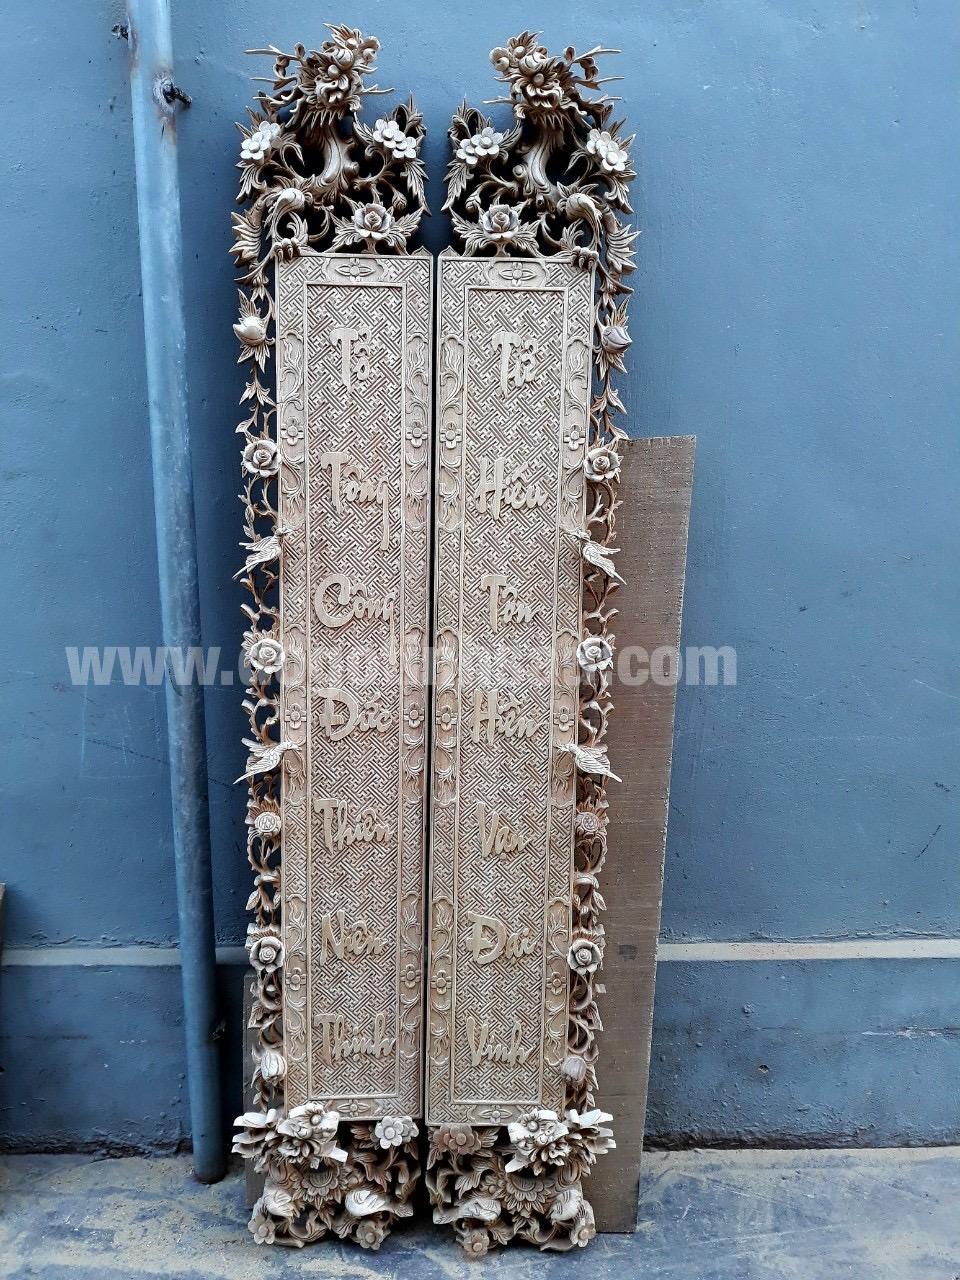 cau doi go gu - Cuốn thư câu đối gỗ gụ điểm nhấn cho không gian phòng thờ sang trọng